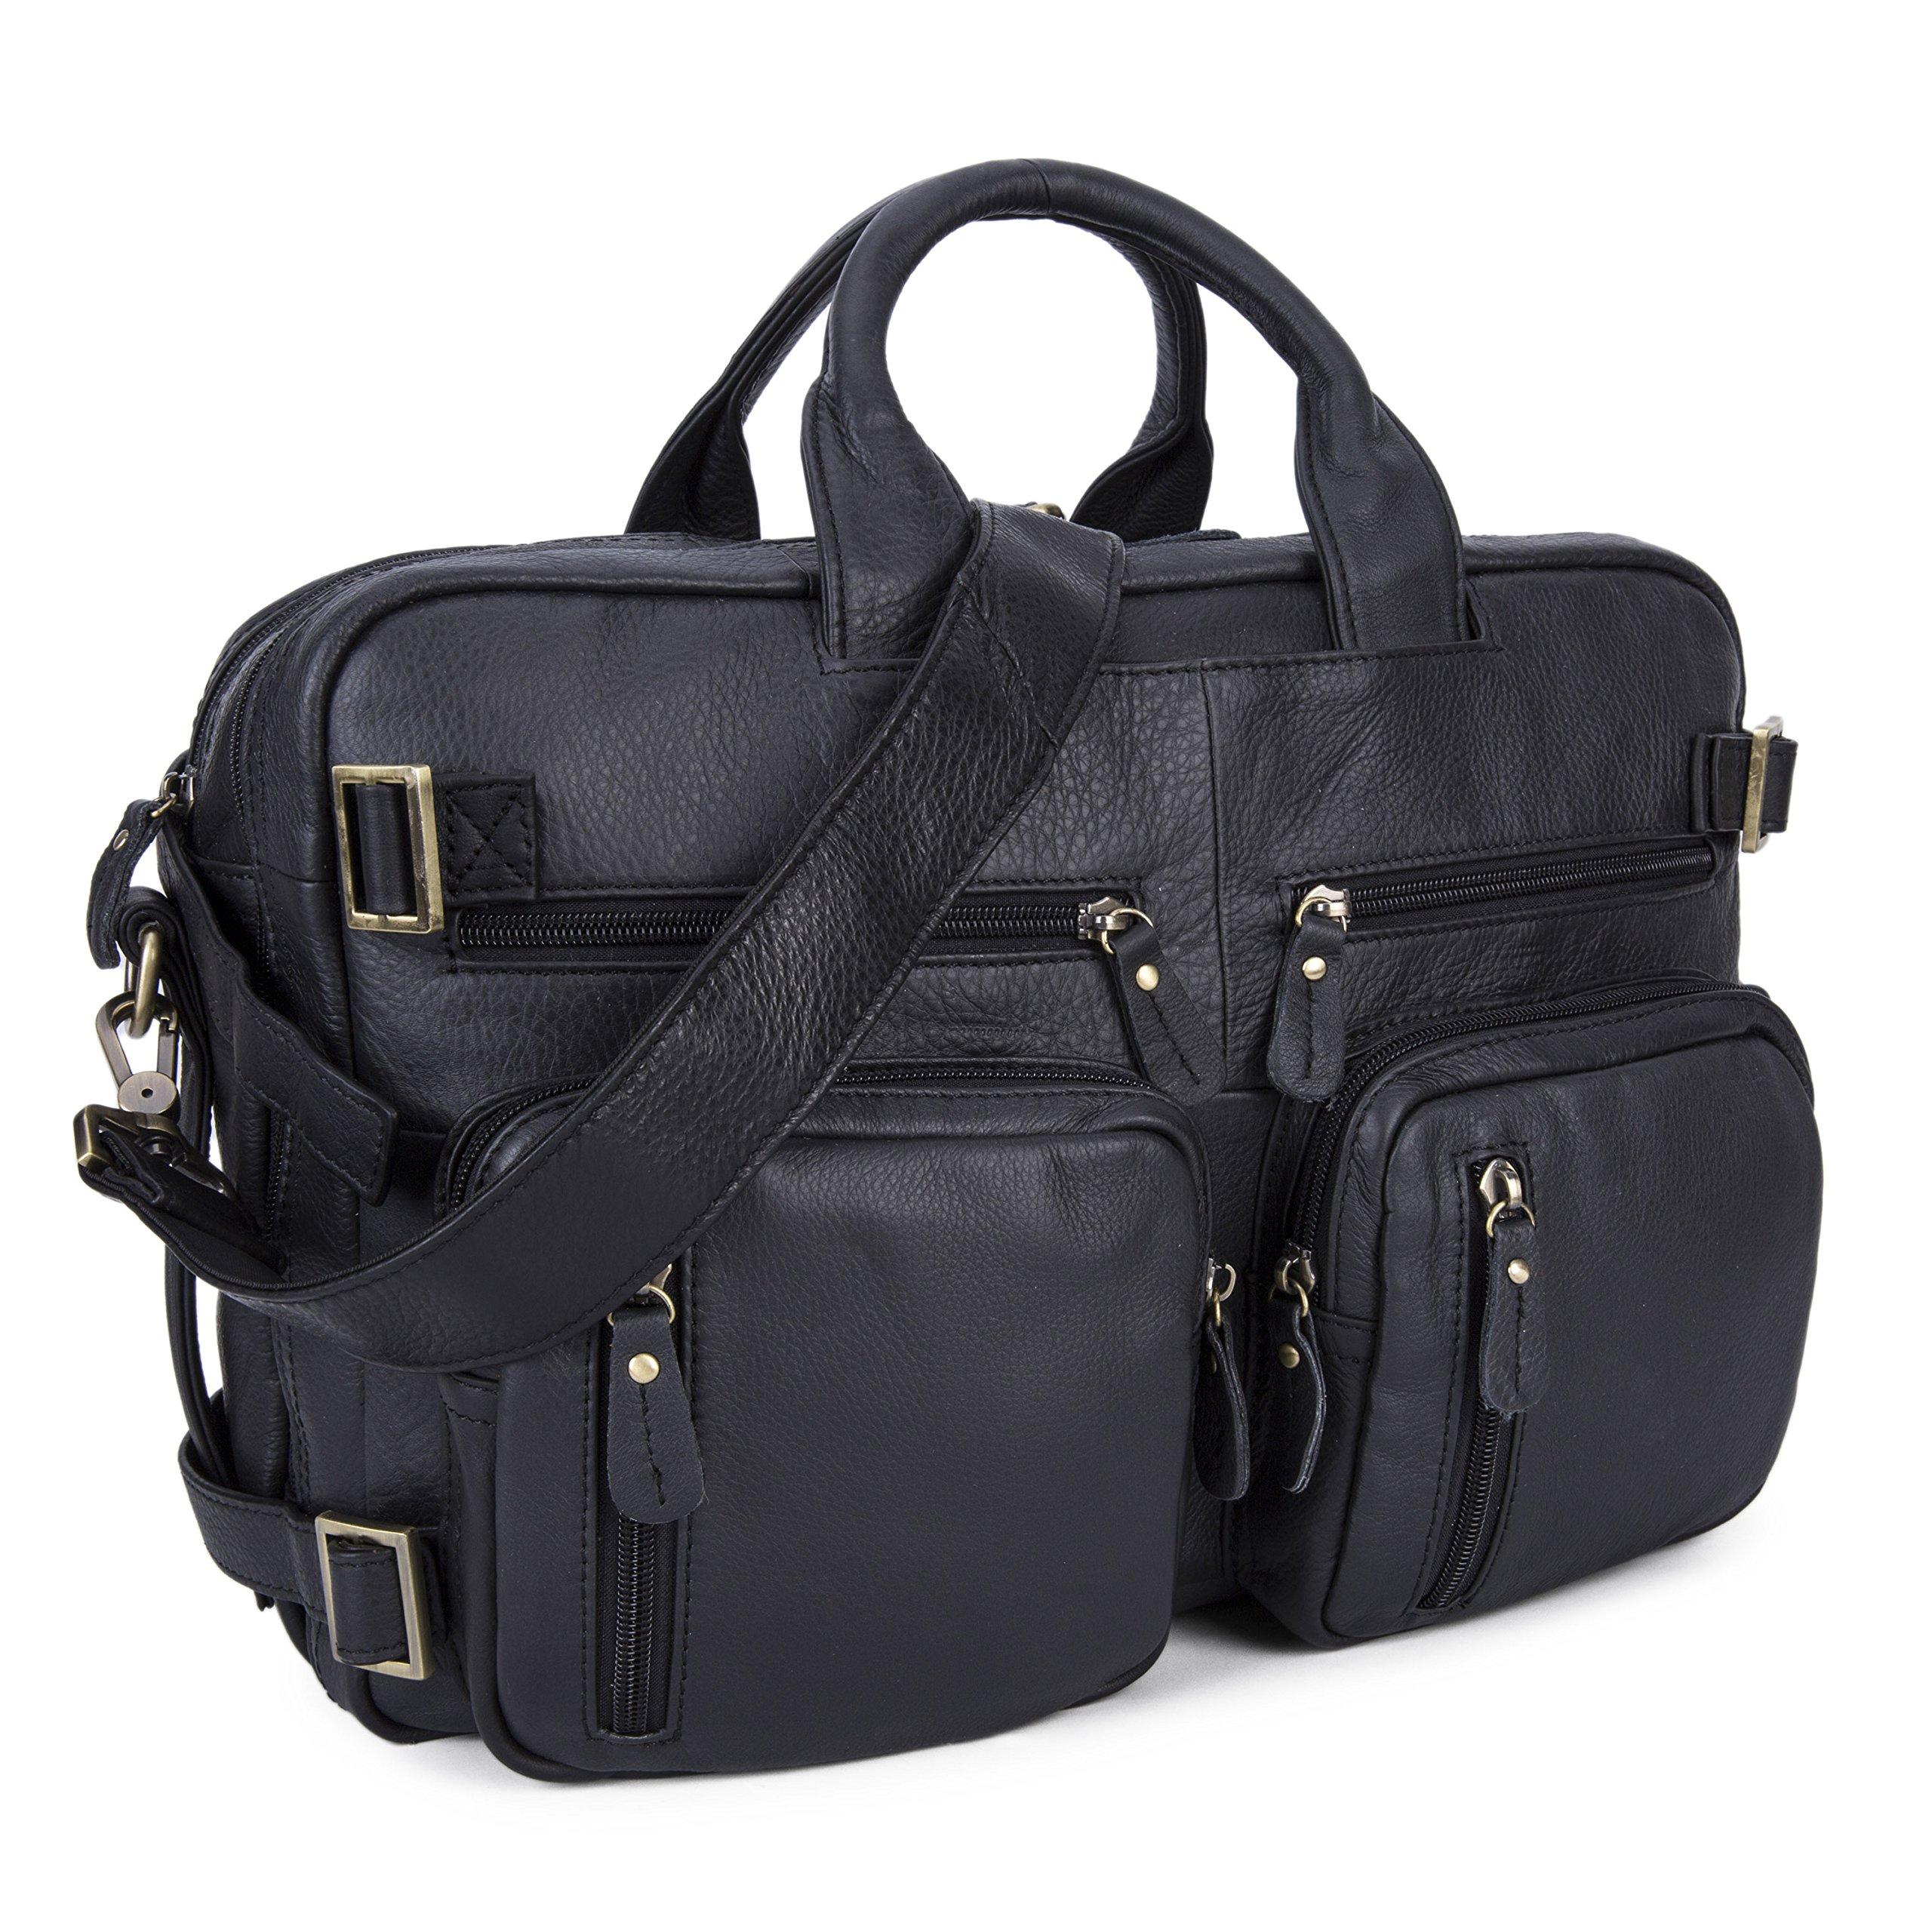 Men Multi-purpose Leather Business Work Bag 15/16/17'' Laptop Bag, Backpack/ Briefcase/ Tote Shoulder Travel Luggage (Black)